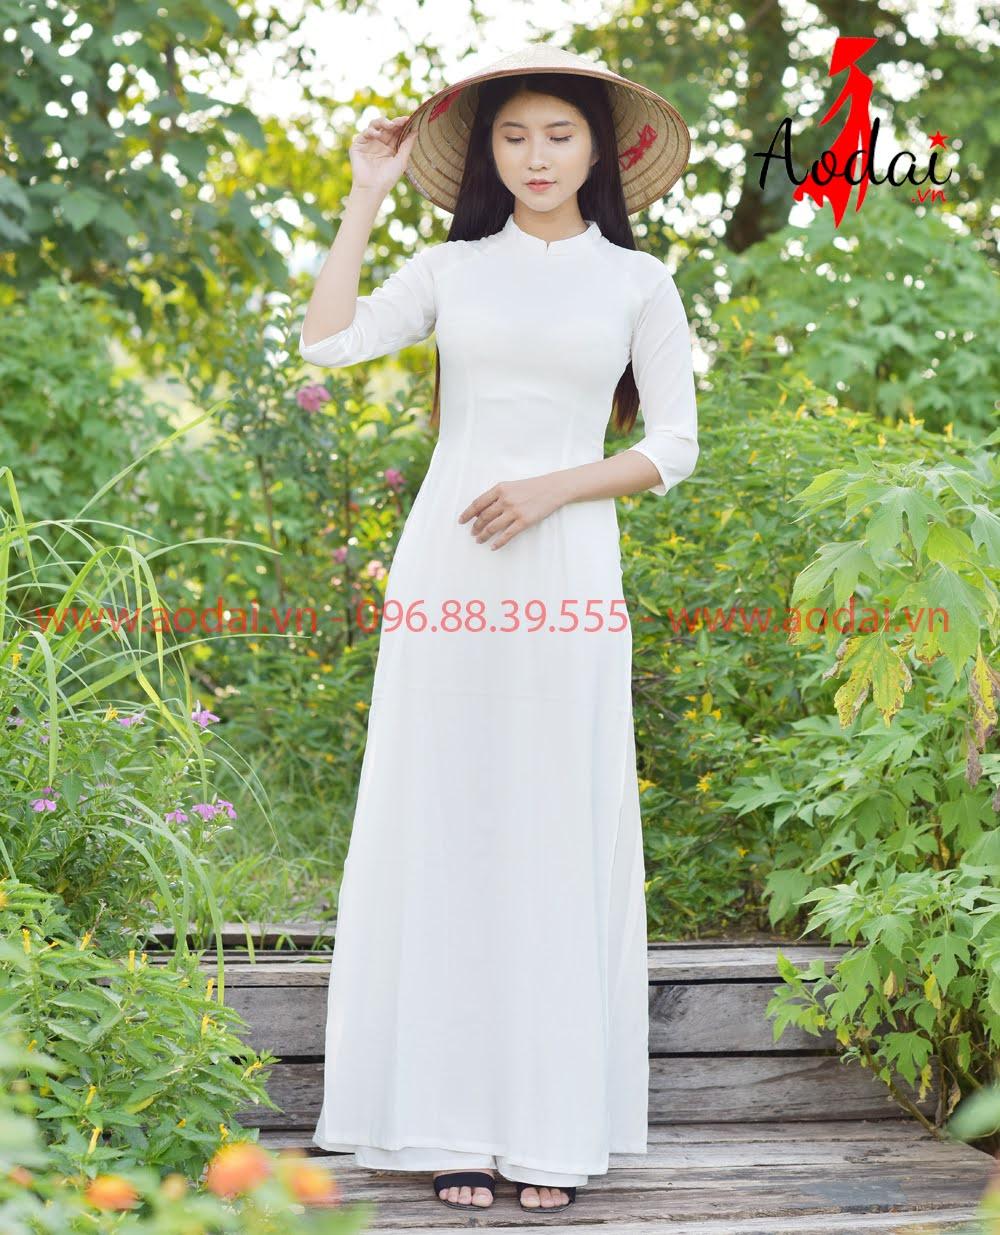 In áo dài tại Bình Thuận